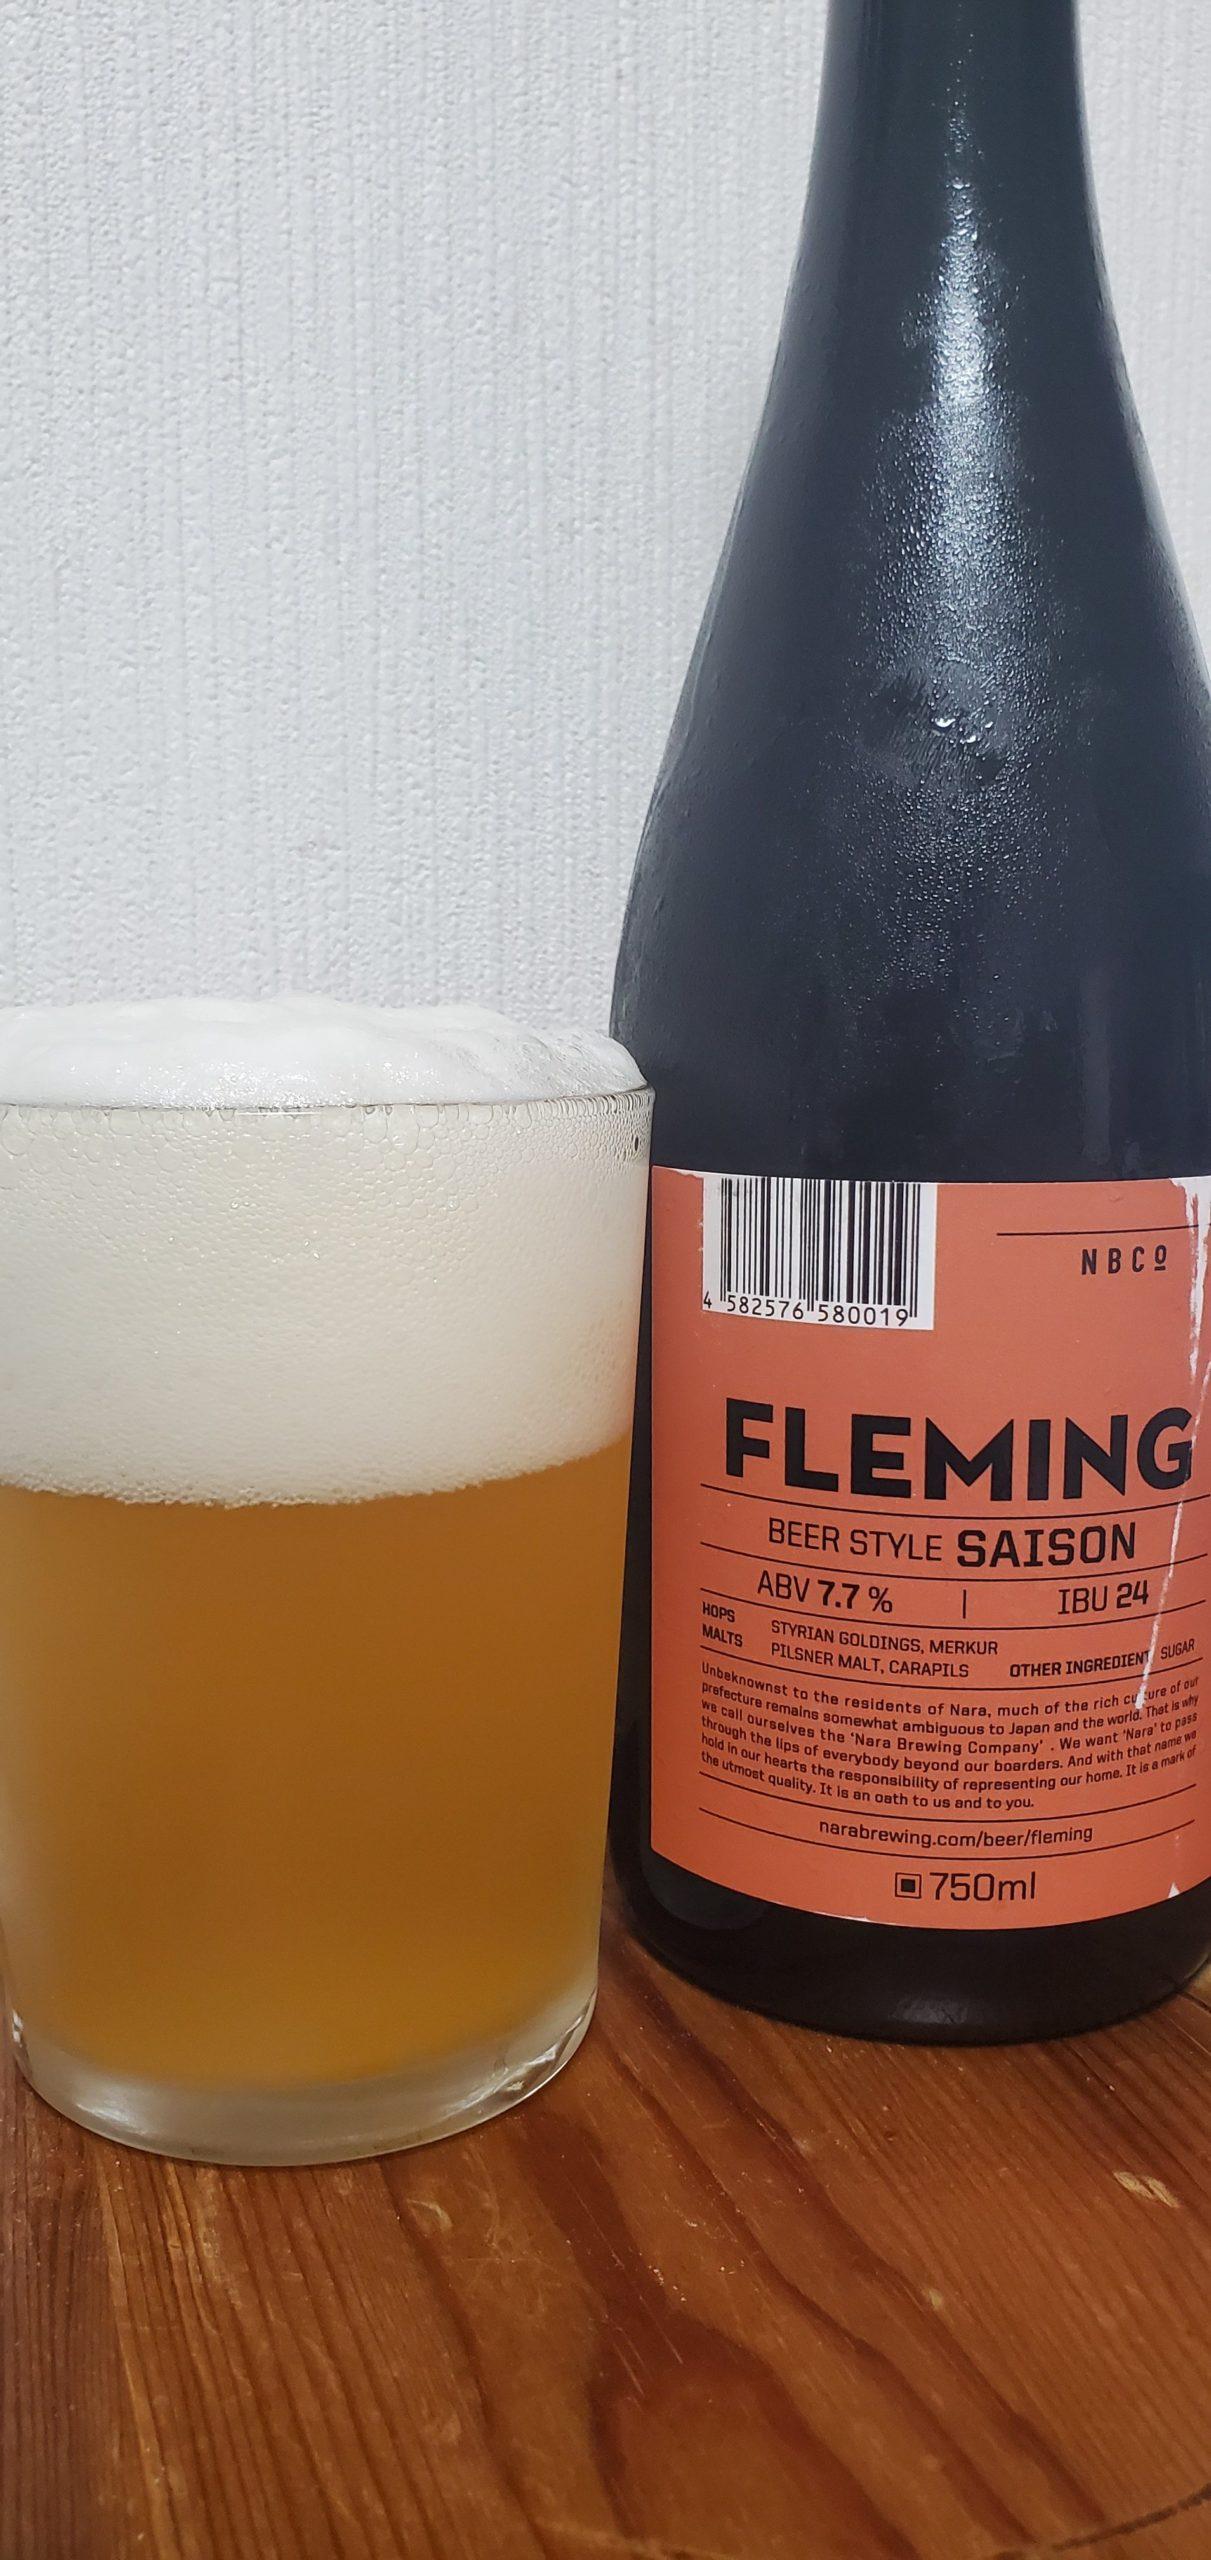 Nara Fleming ・奈良フレミング